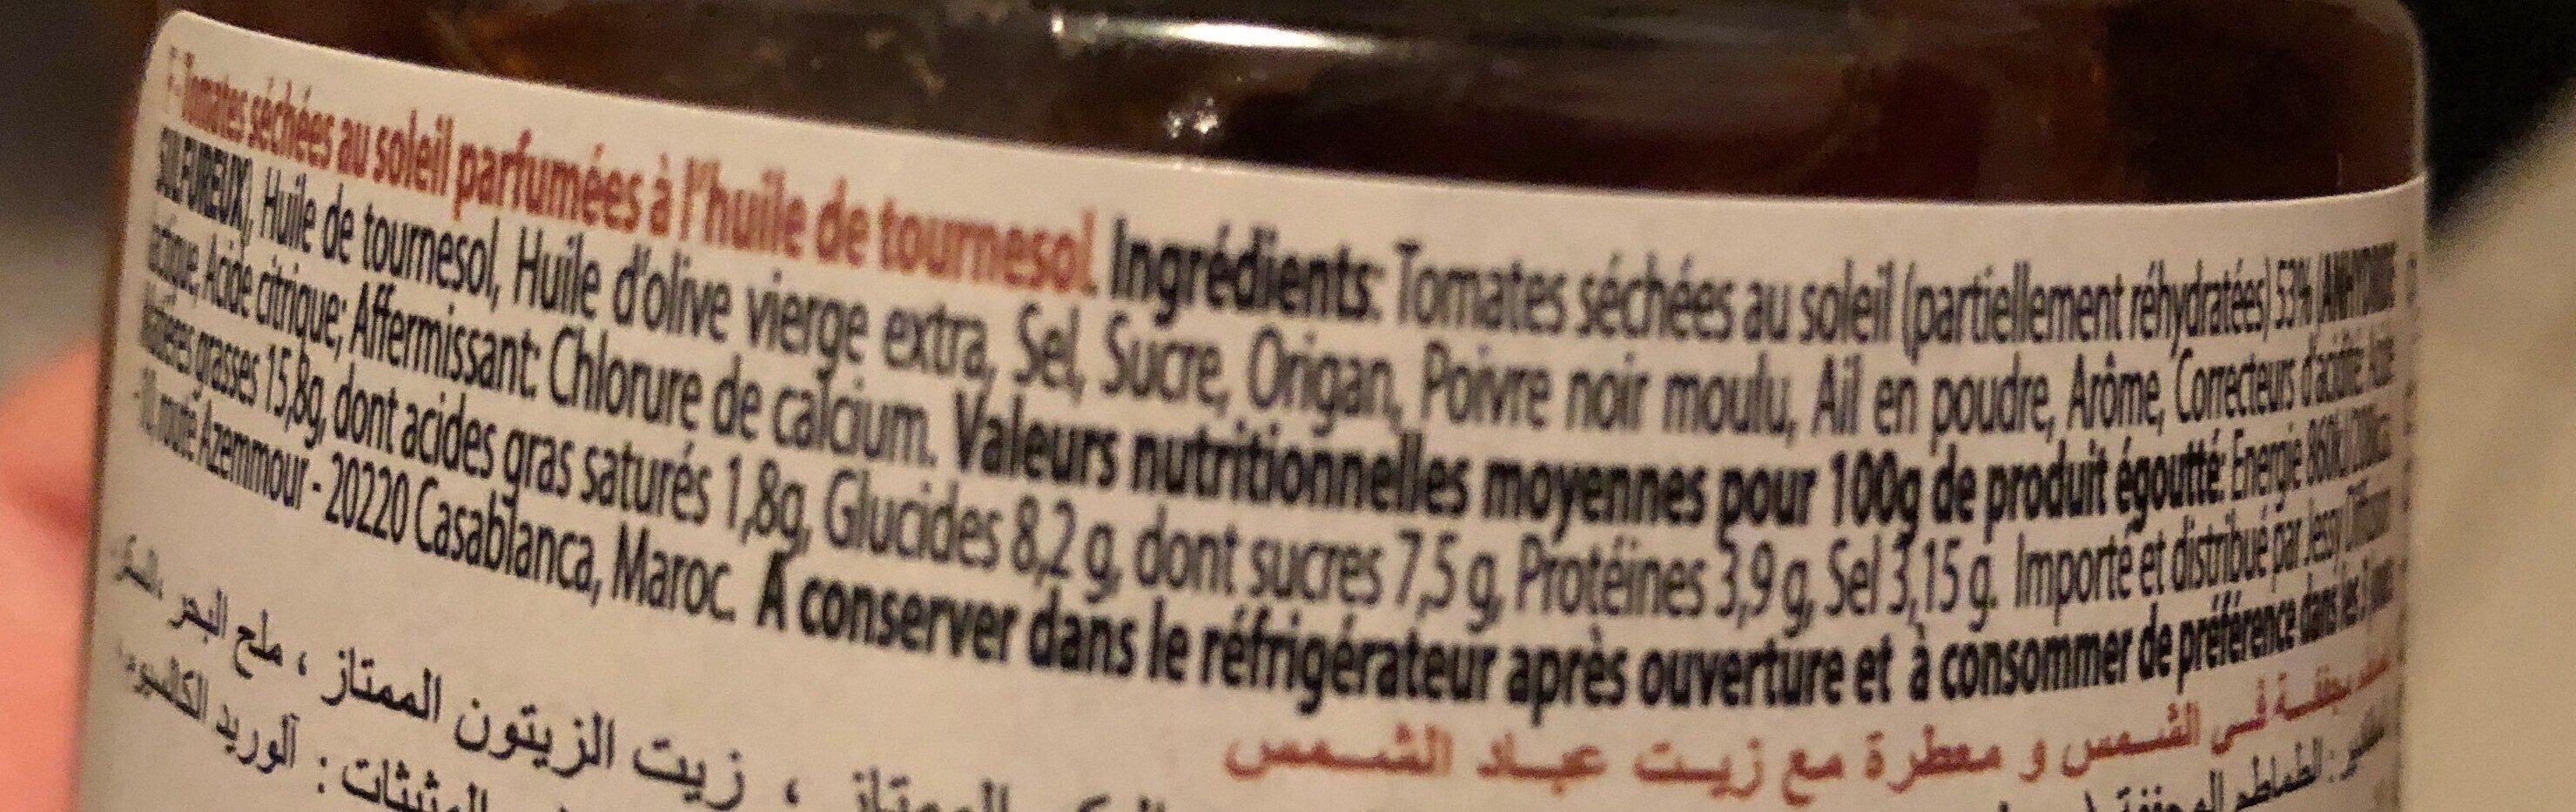 Pomodori secchi - Nutrition facts - fr